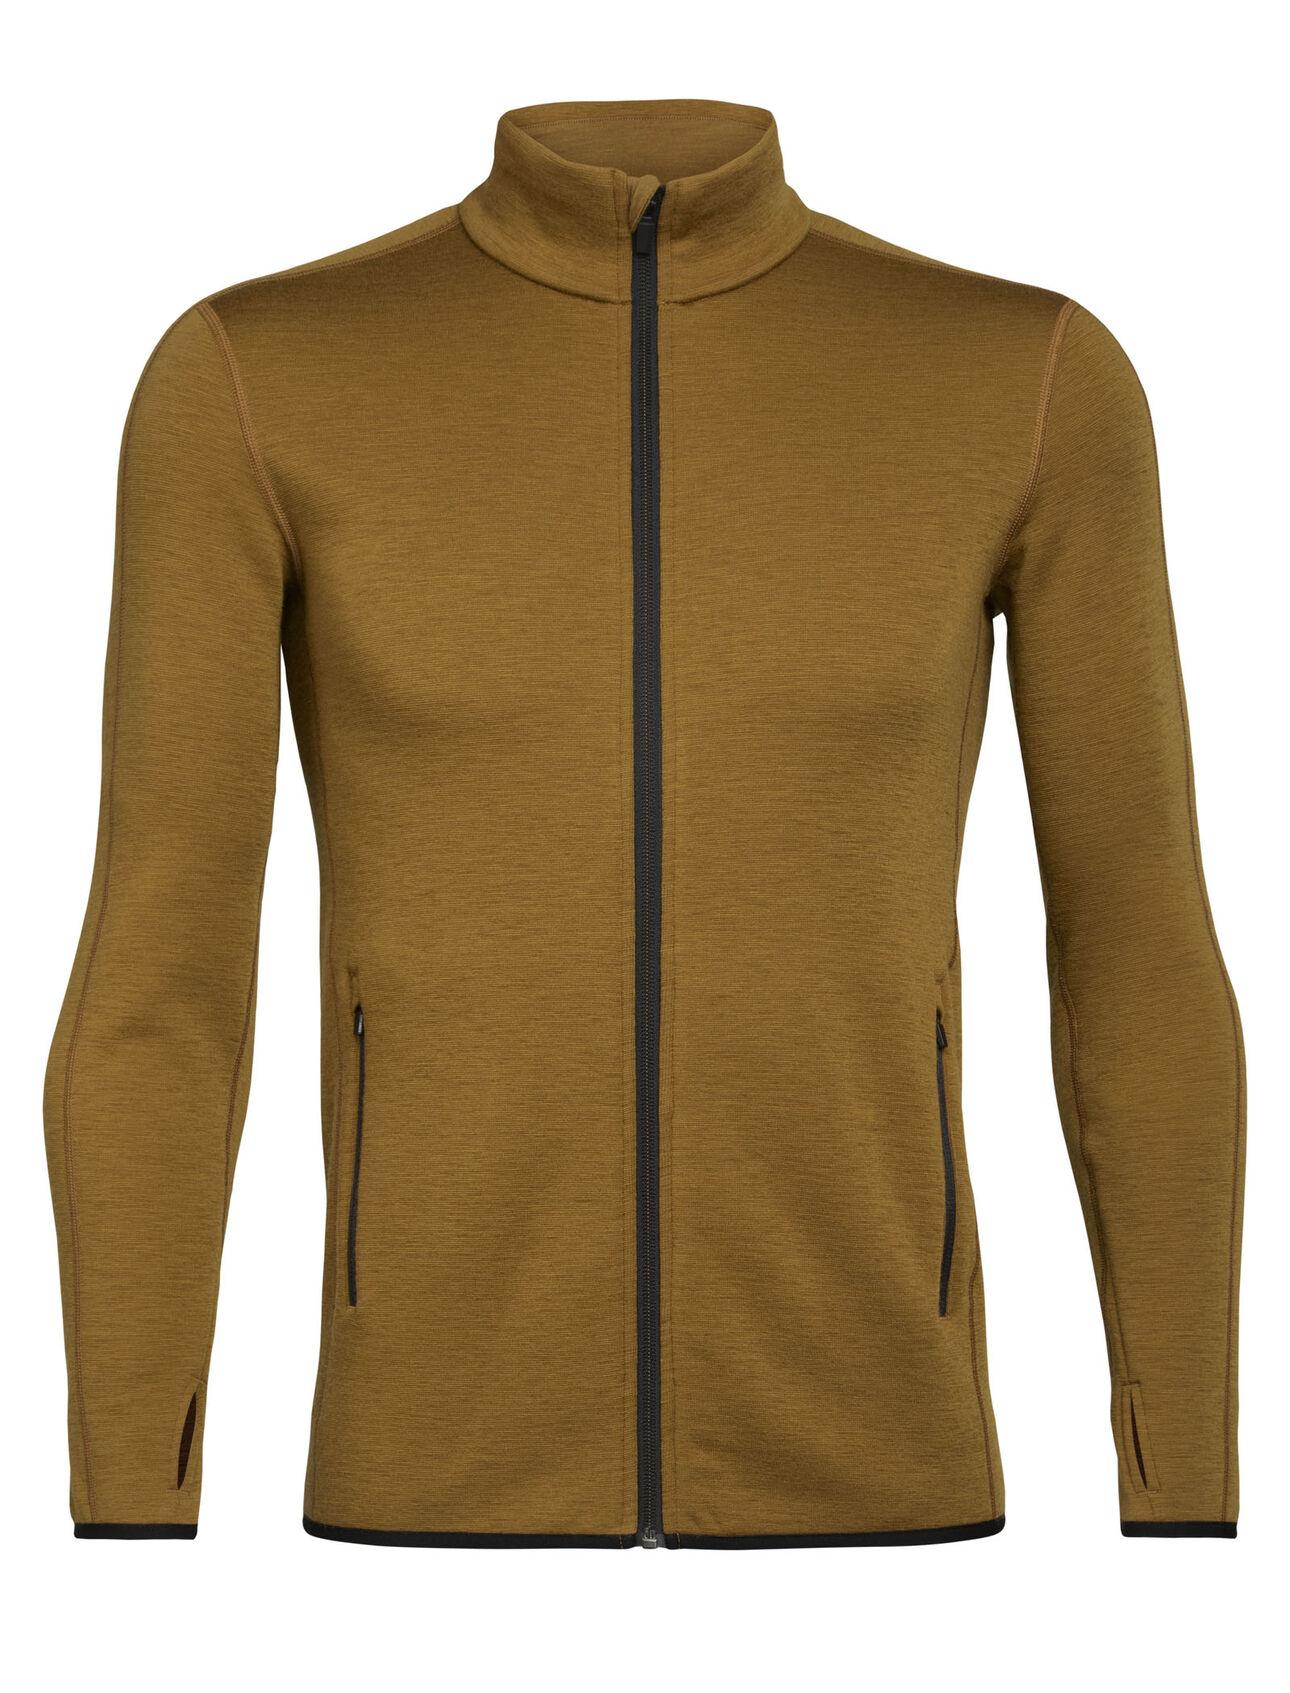 RealFleece™ Merino Elemental Long Sleeve Zip Jacket